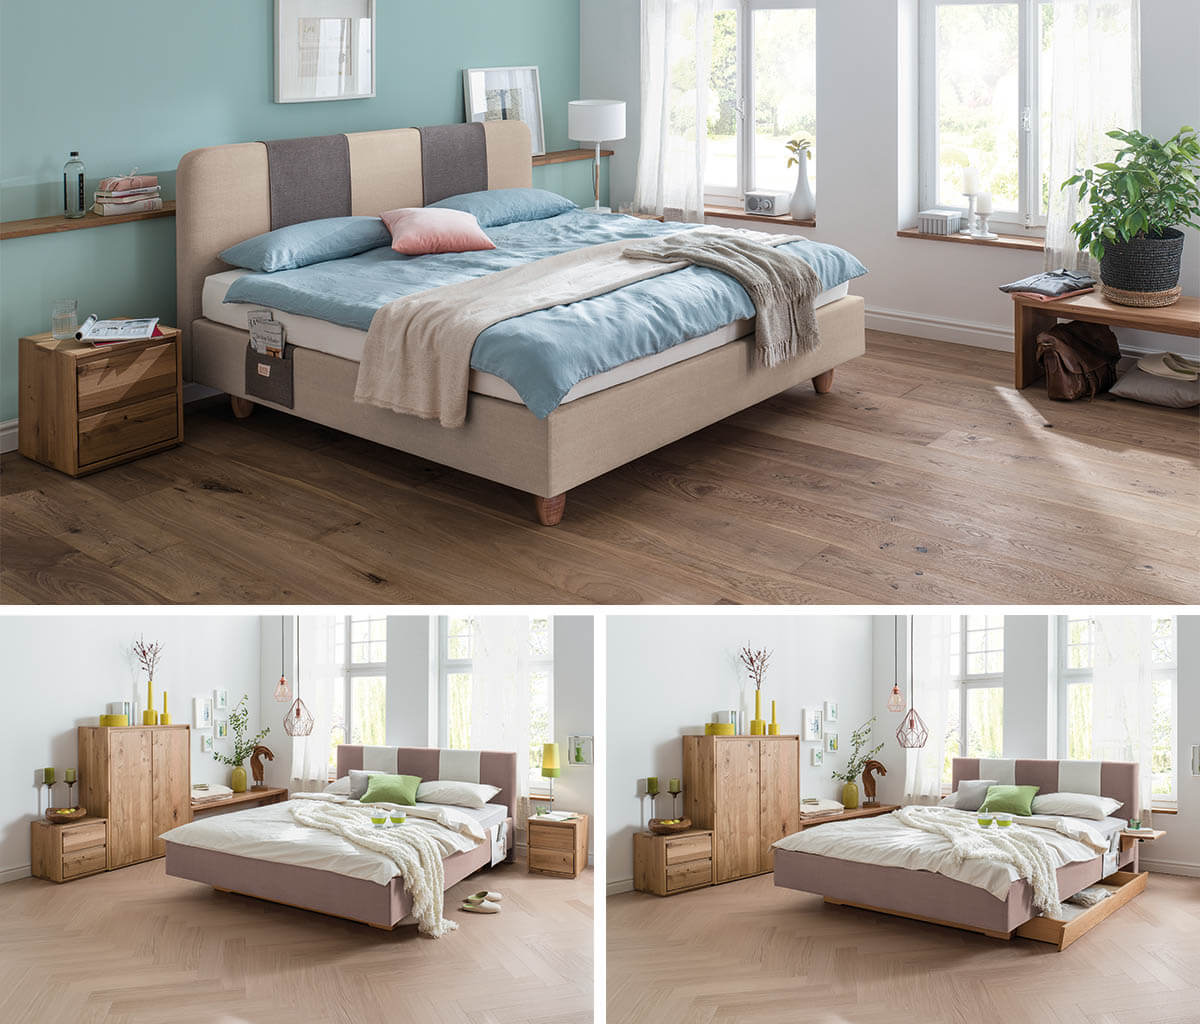 Dormiente-Natur-Polstersystembett-Stella-System-online-kaufen